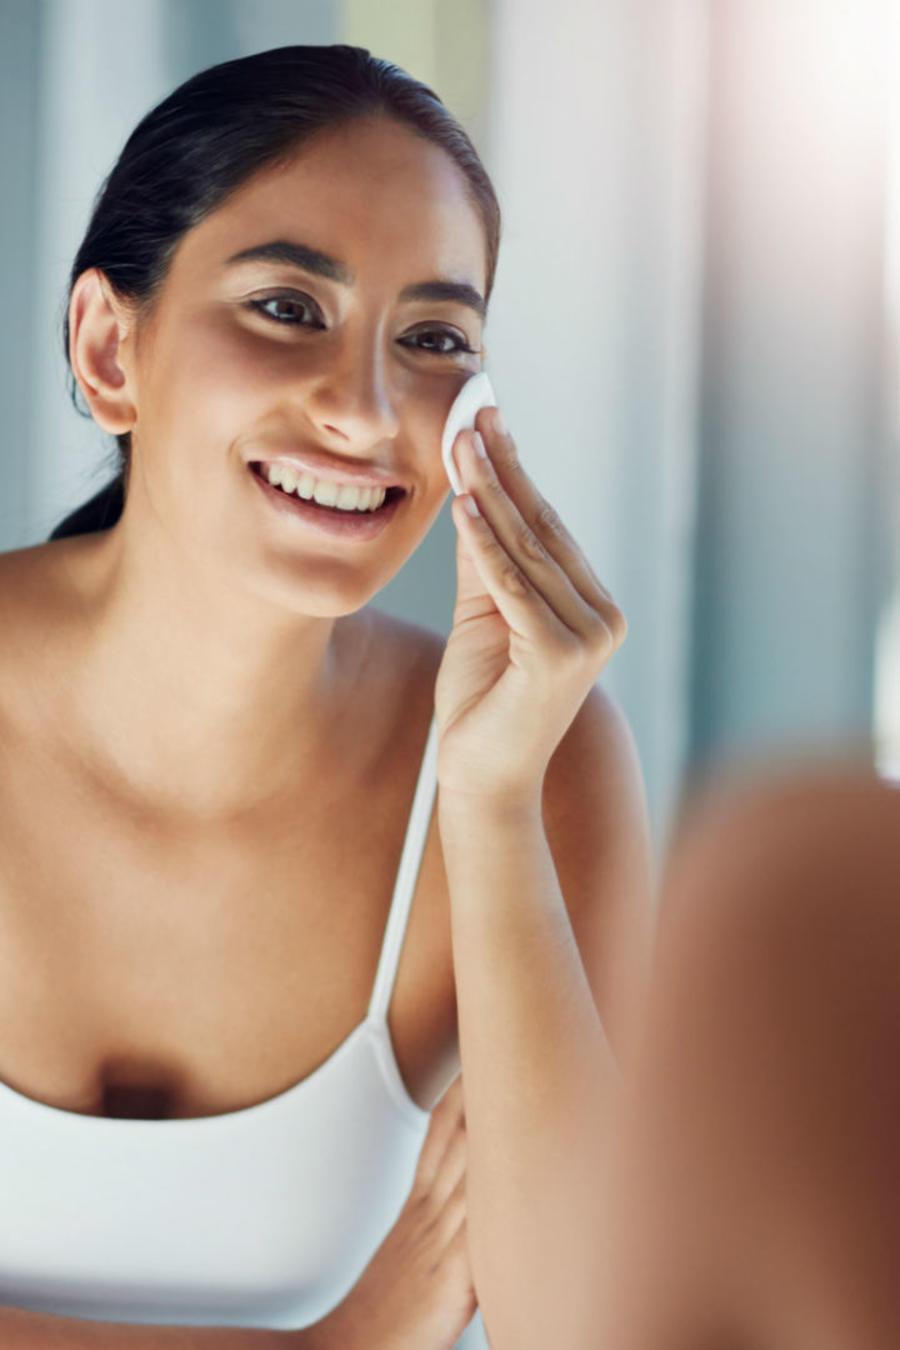 Mujer joven aplicándose crema frente al espejo